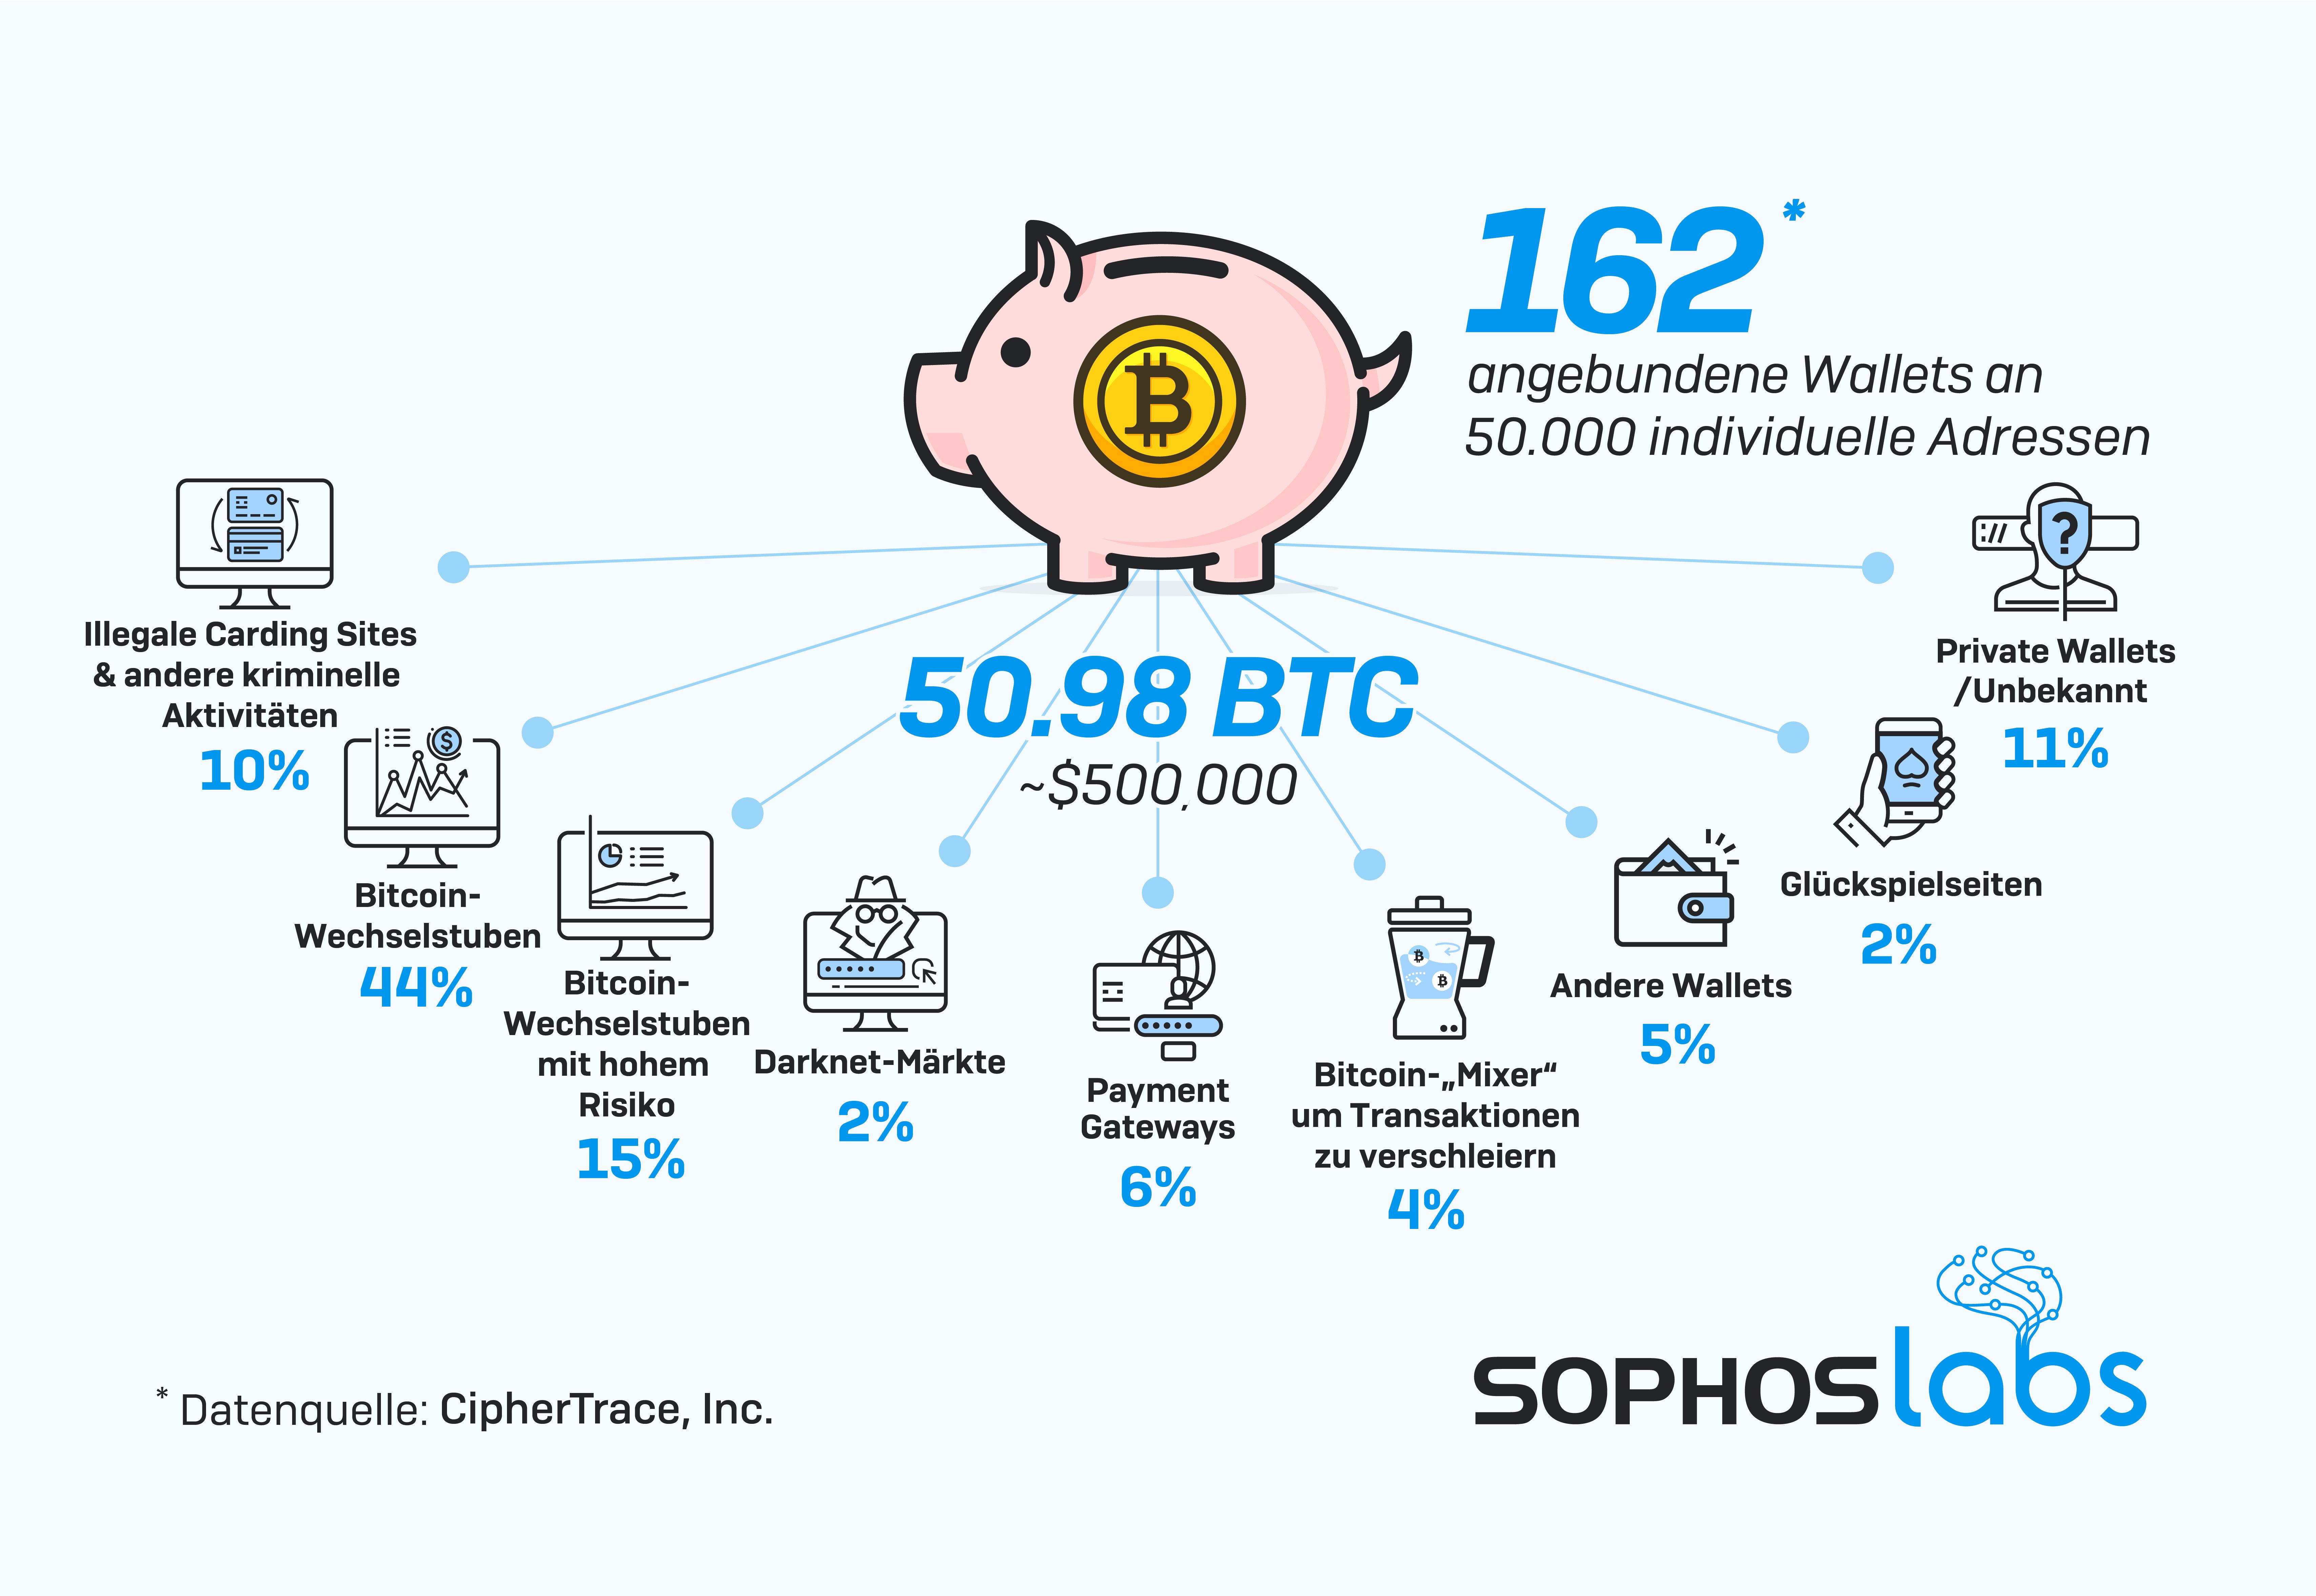 Wege von Cyber-Erpressungsgeldern offengelegt: SophosLabs verfolgt Bitcoin-Fluss aus Sextortion-Spamattacke nach